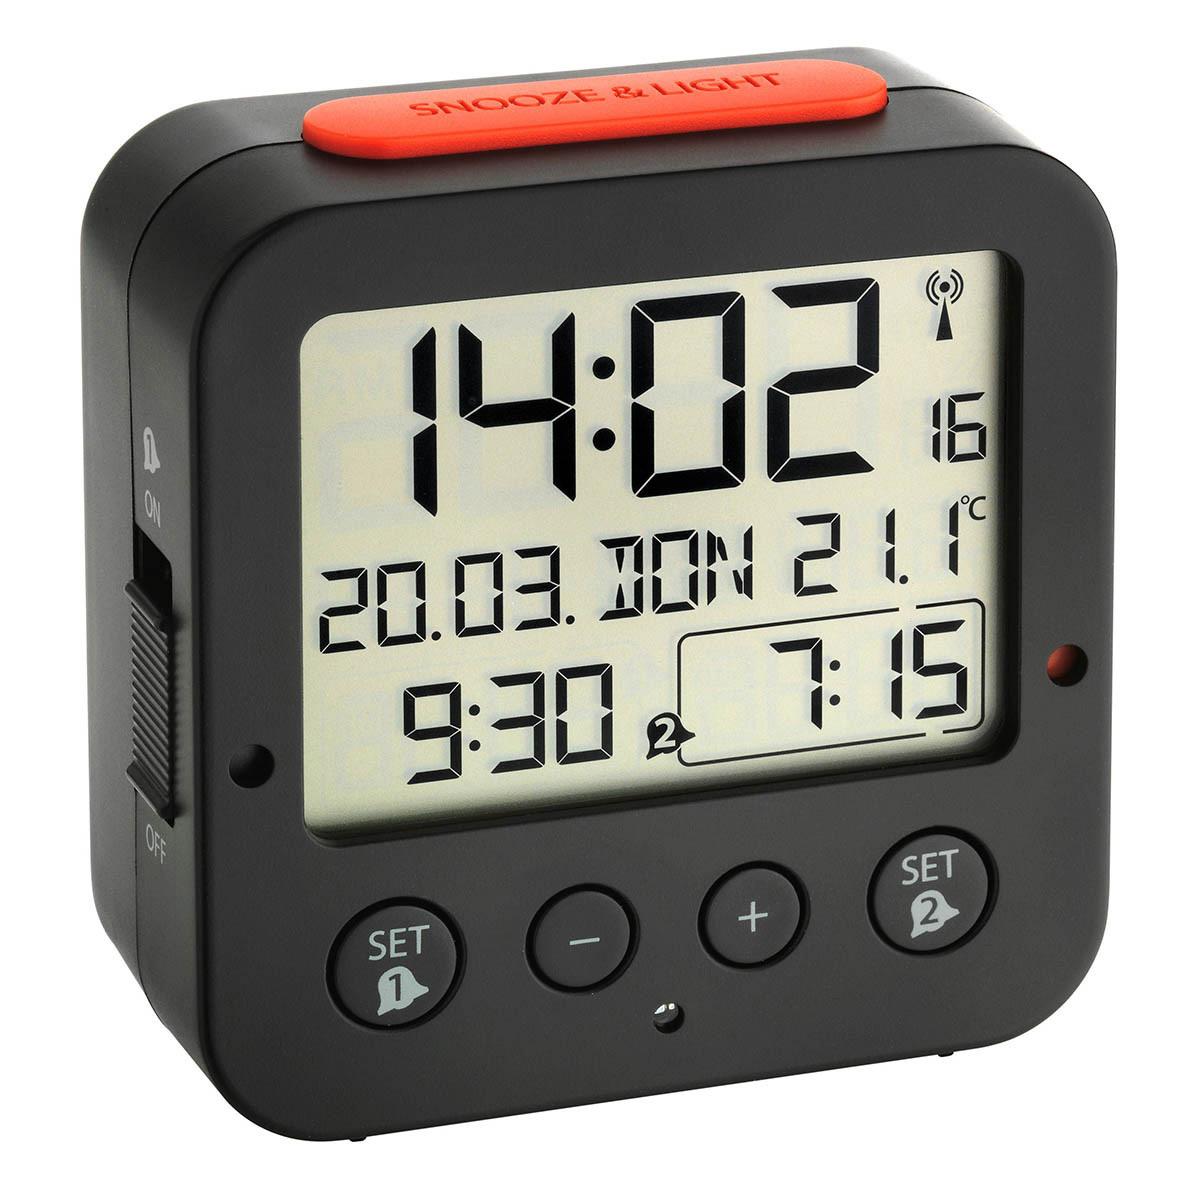 60-2528-01-digitaler-funk-wecker-mit-temperatur-bingo-1200x1200px.jpg